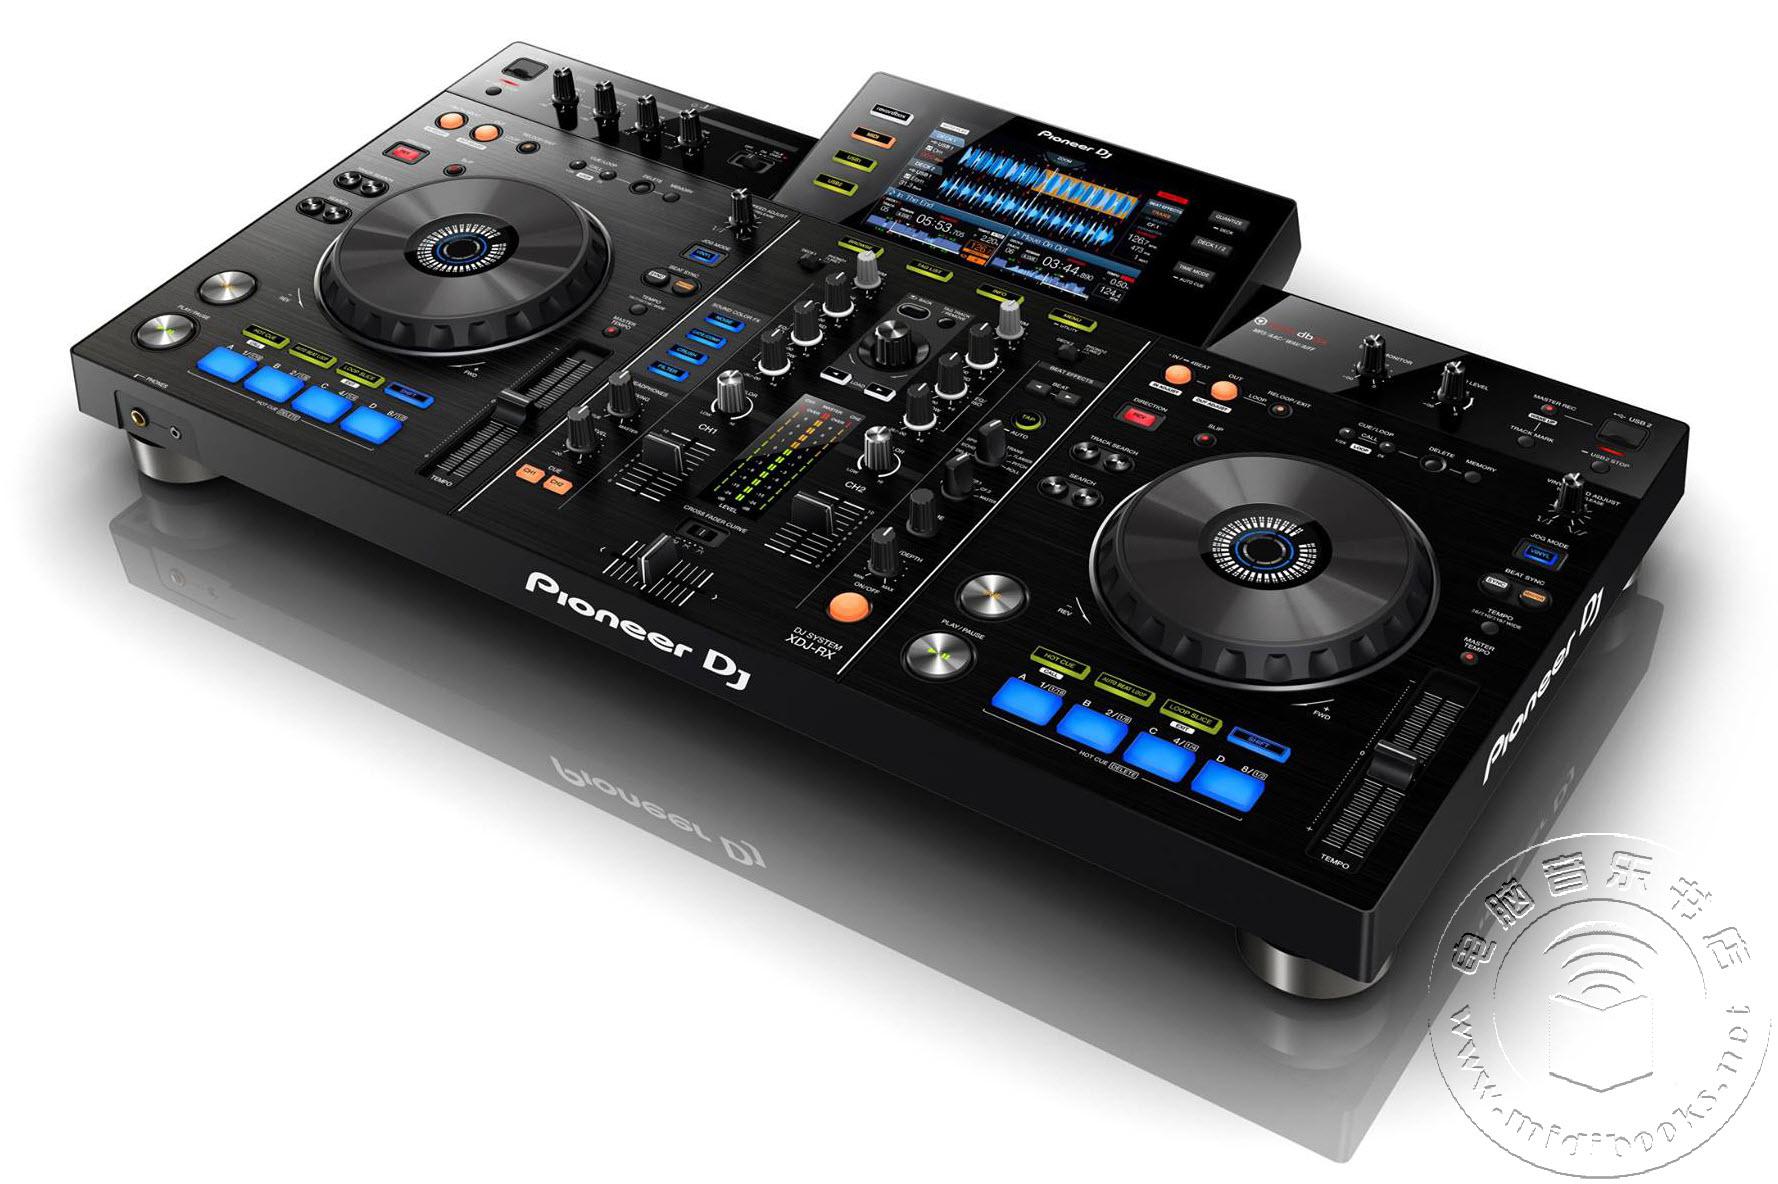 先锋(Pioneer)发布新款XDJ-RX DJ MIDI控制器